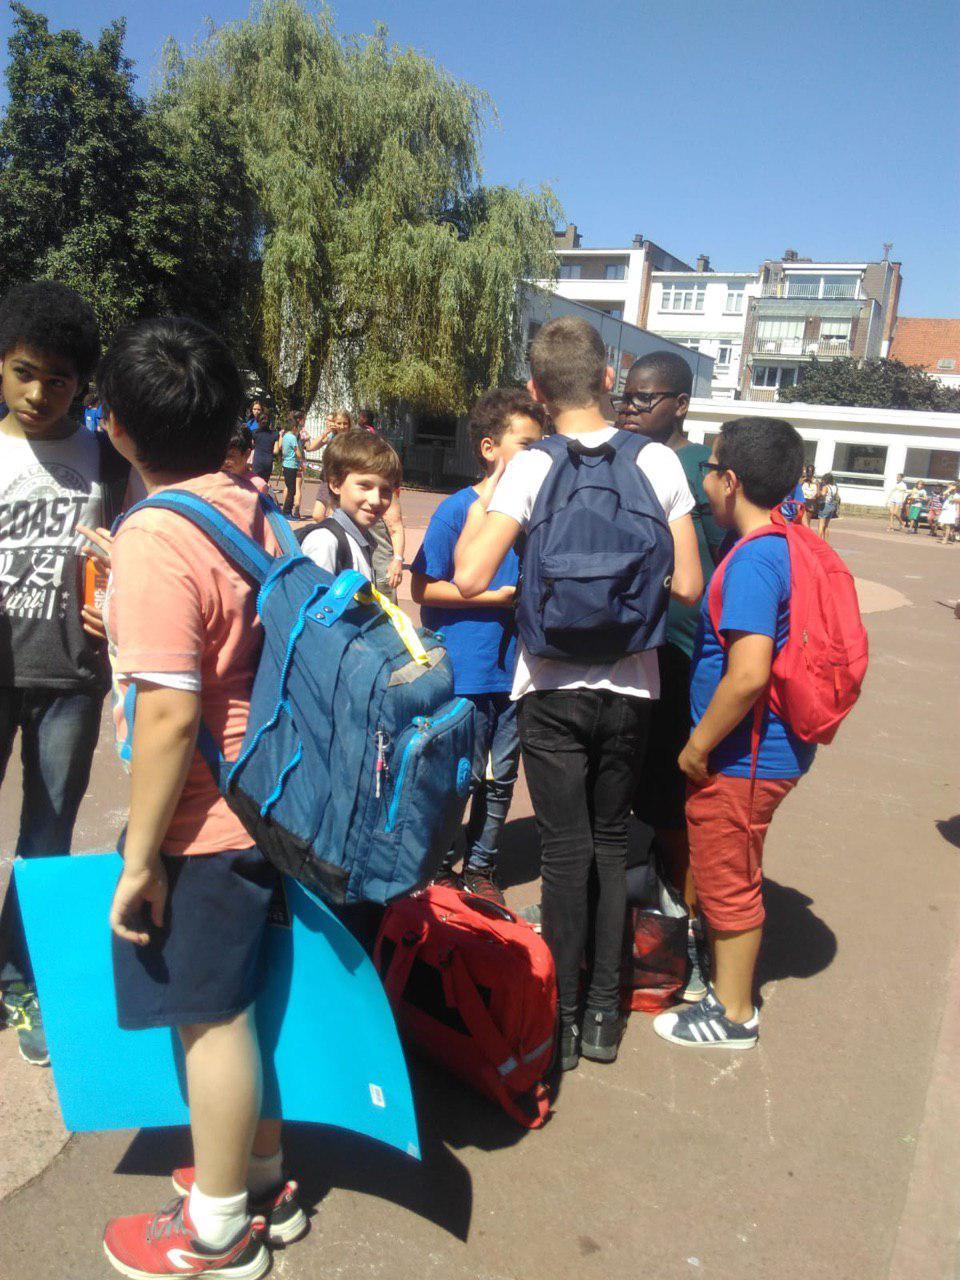 Во дворе школы Paradis des: последний школьный день, расставание с начальной школой